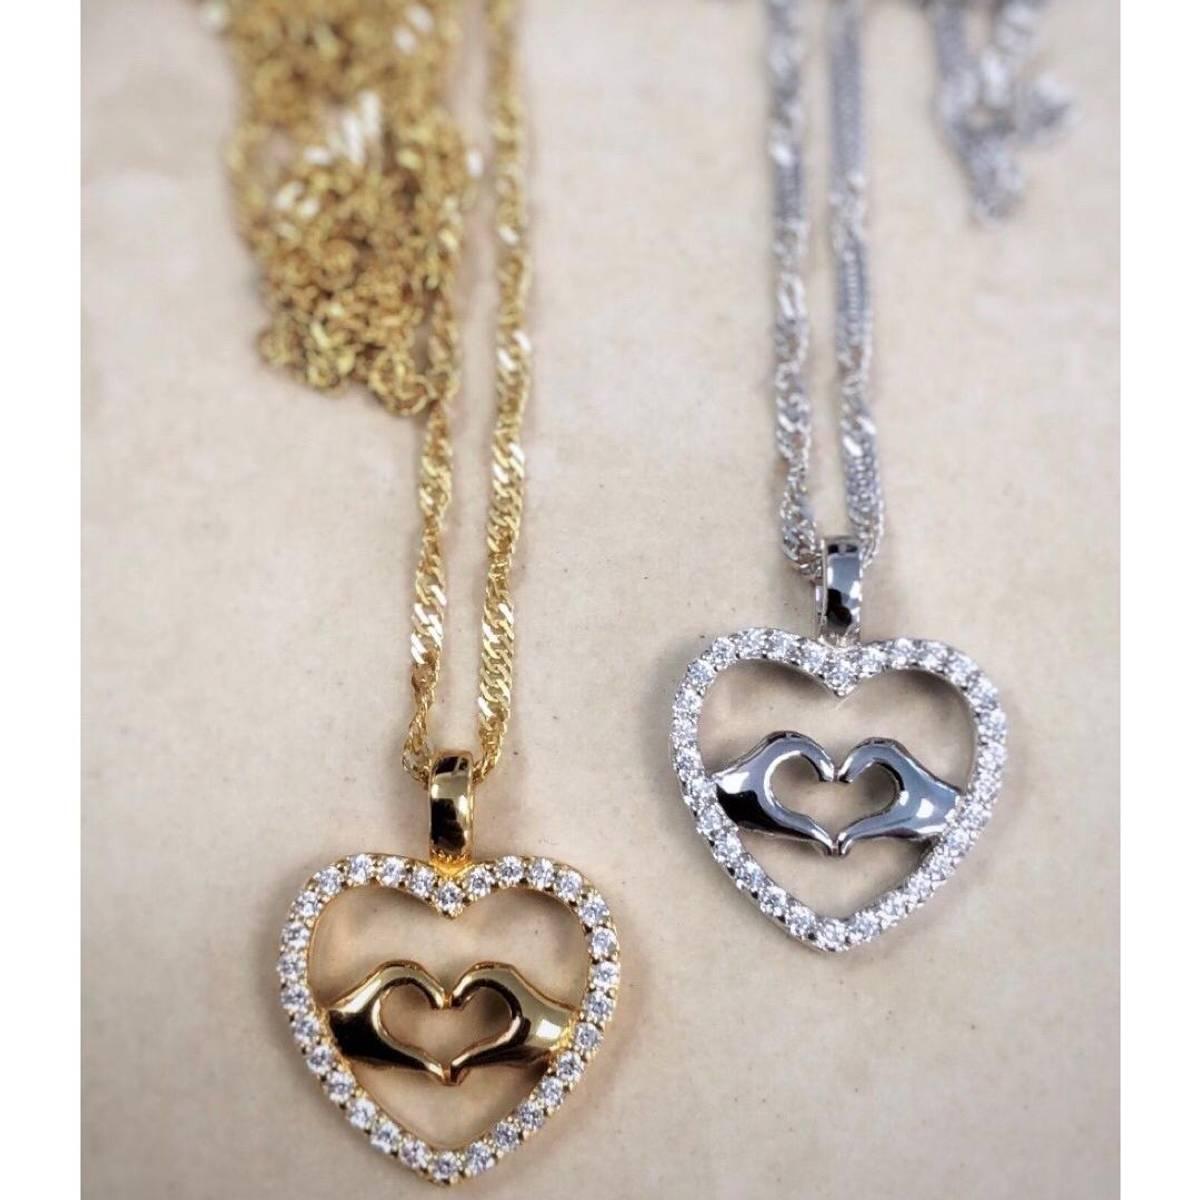 GD Signatur Love Forgylt/Sølv anheng i sølv